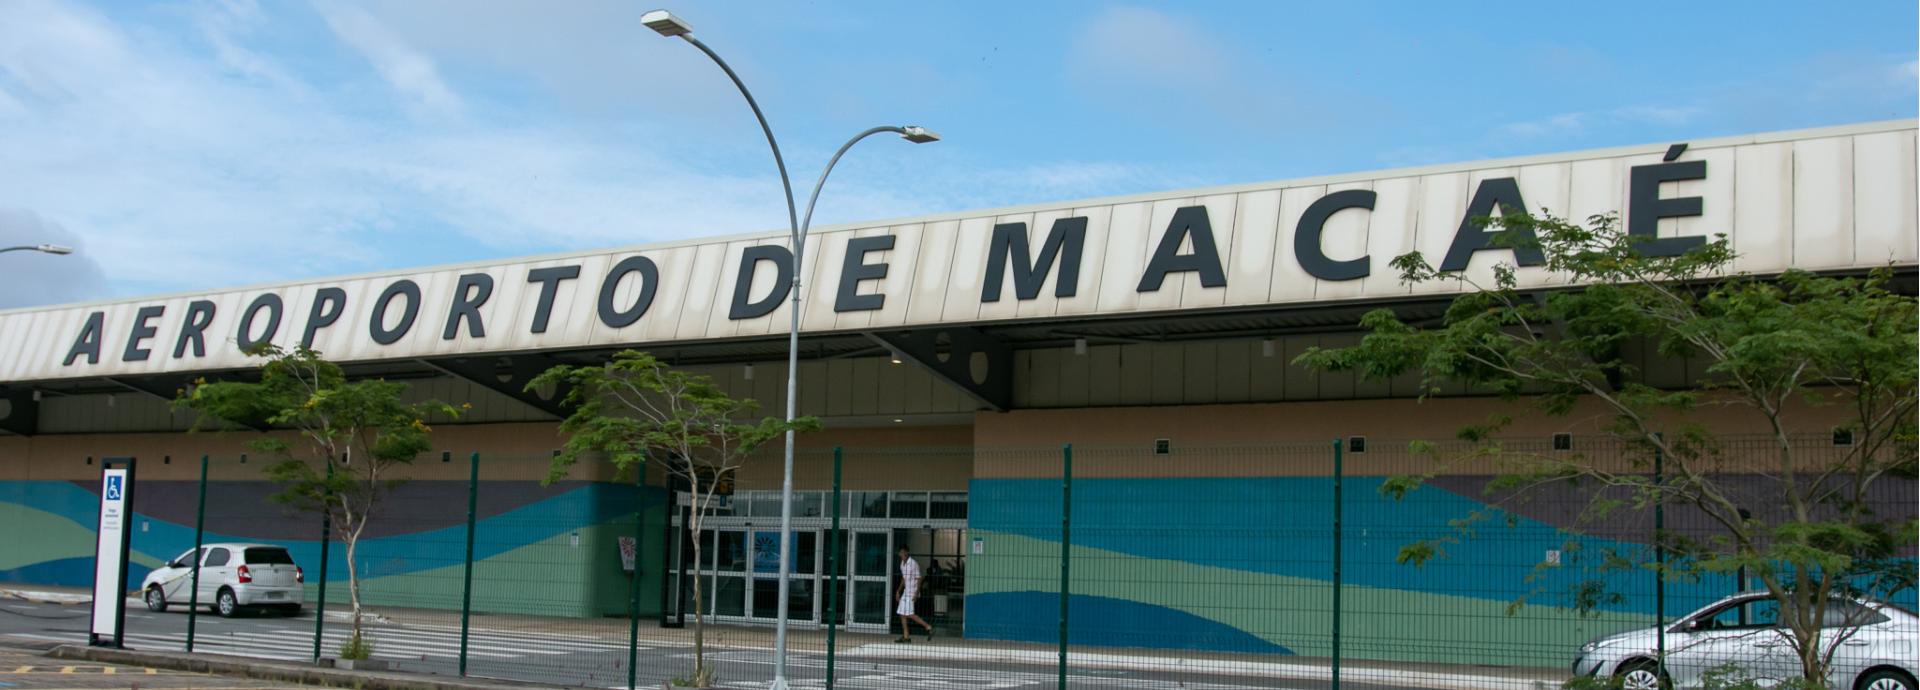 Conheça o Aeroporto de Macaé MEA